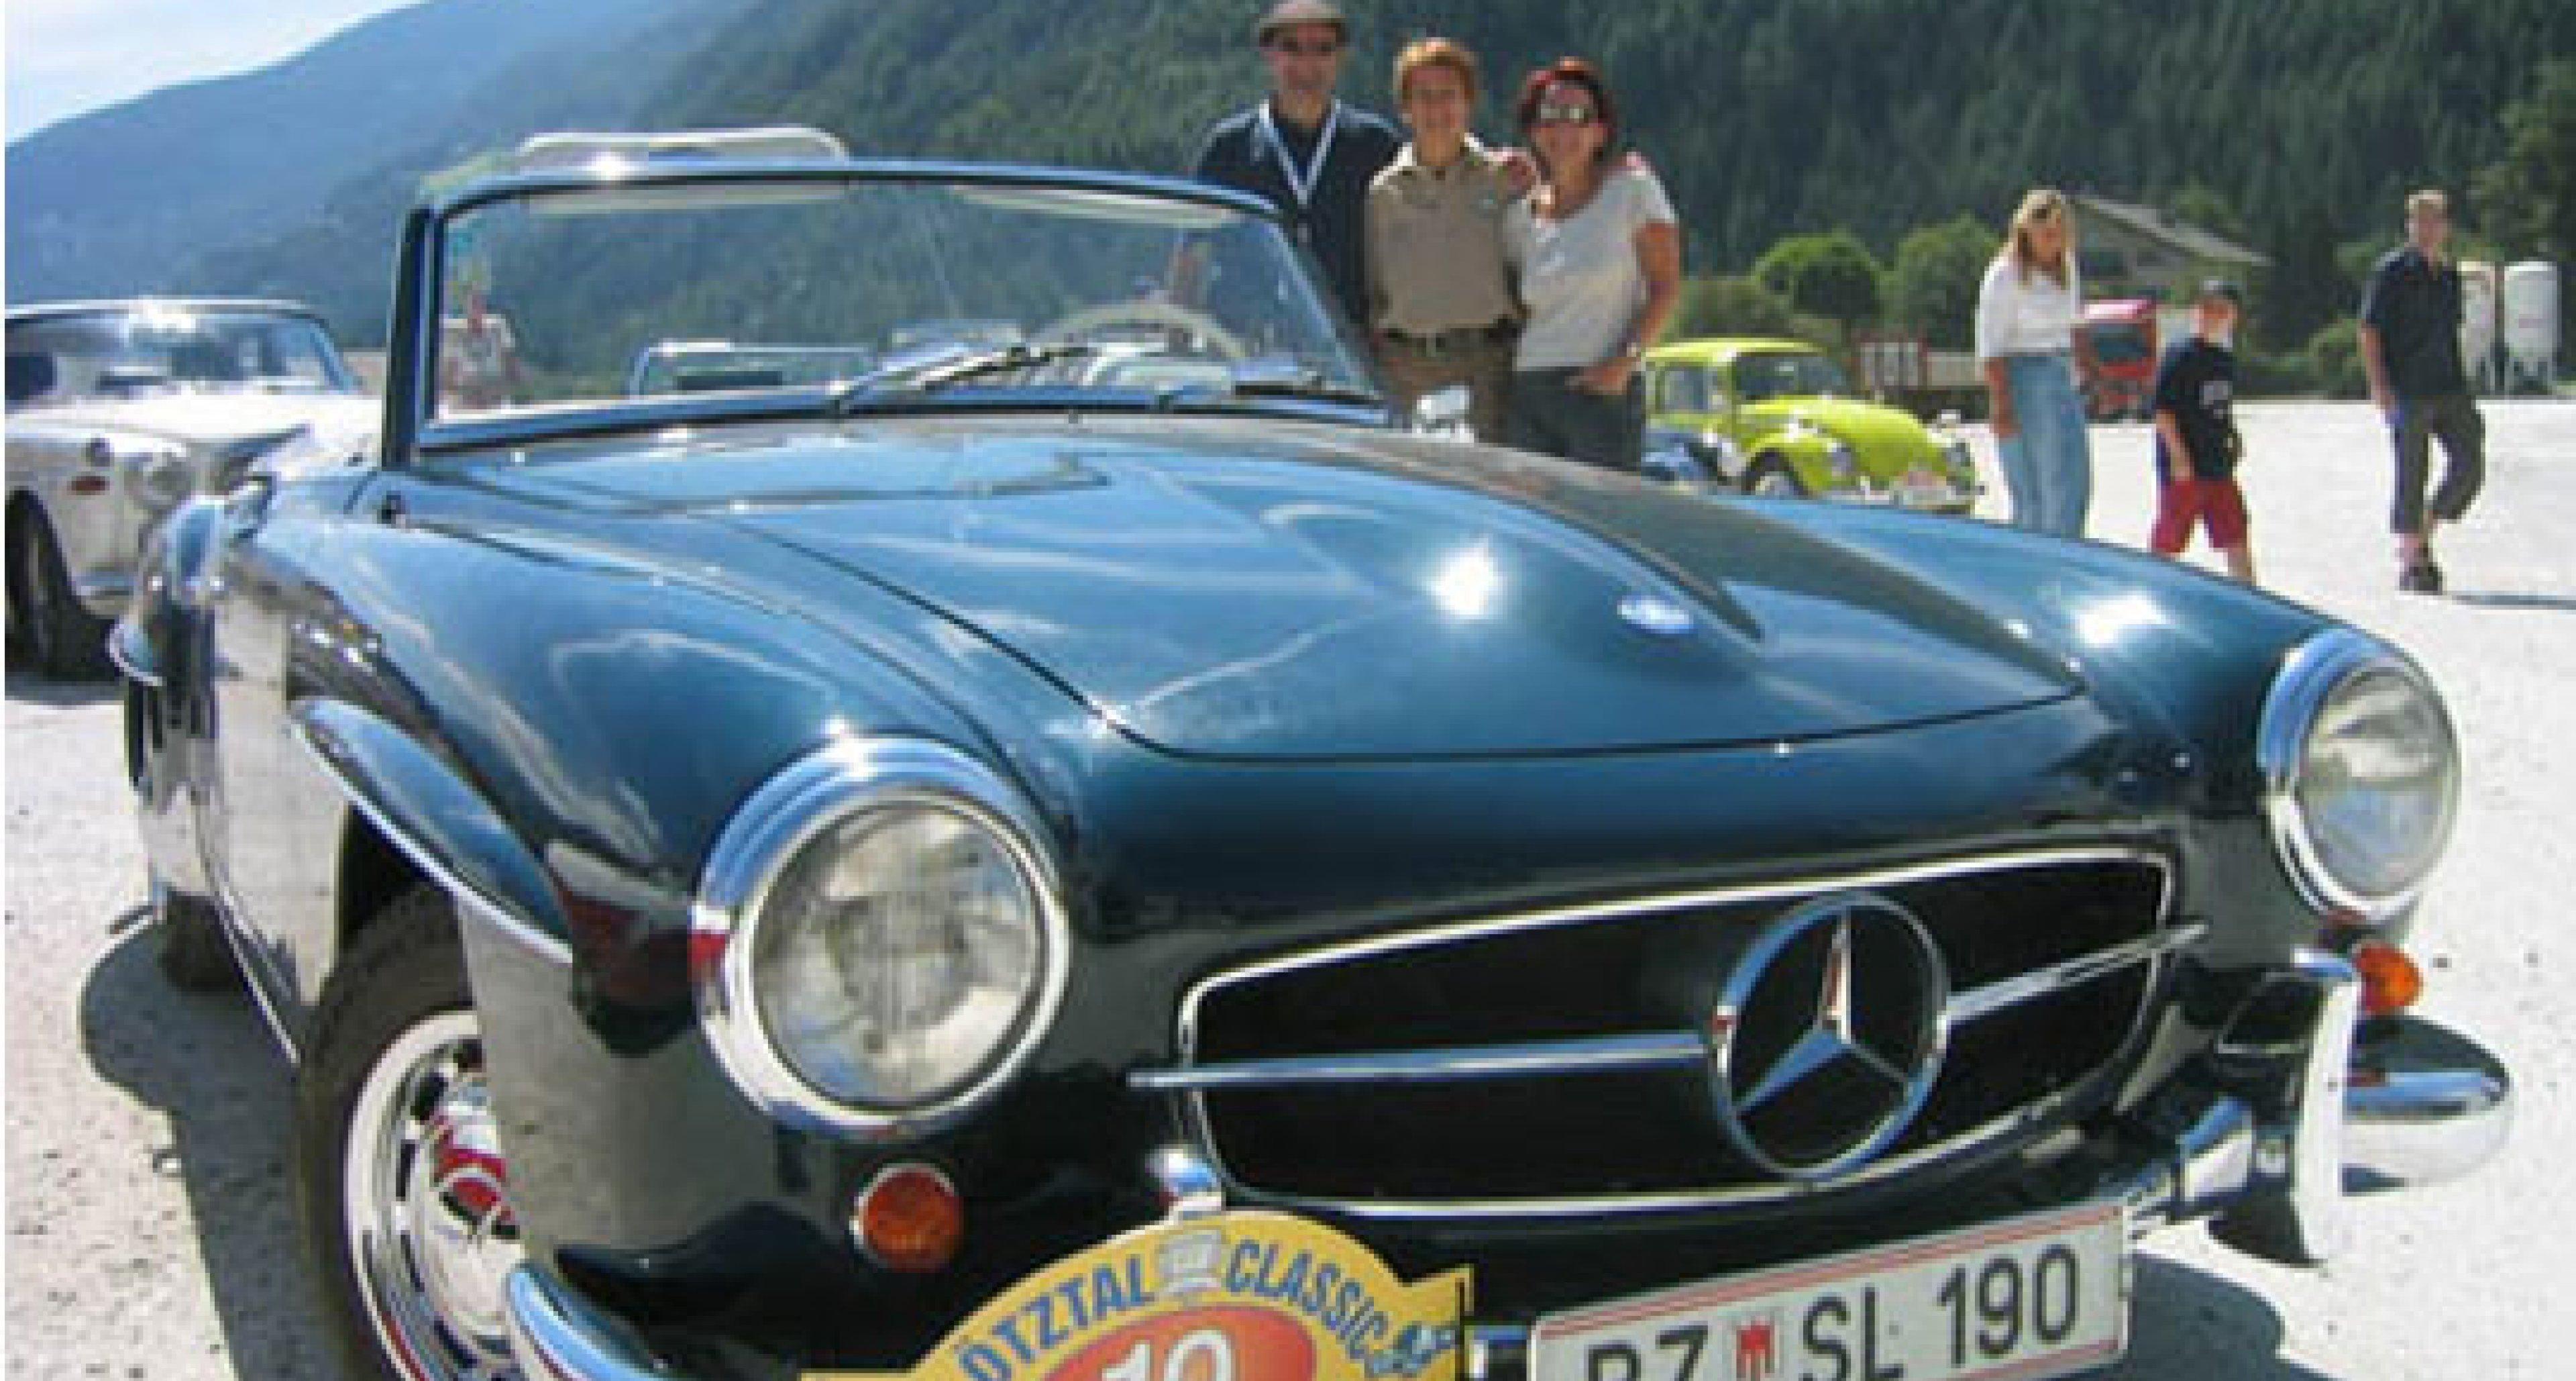 5. Ötztal Classic in Tirol